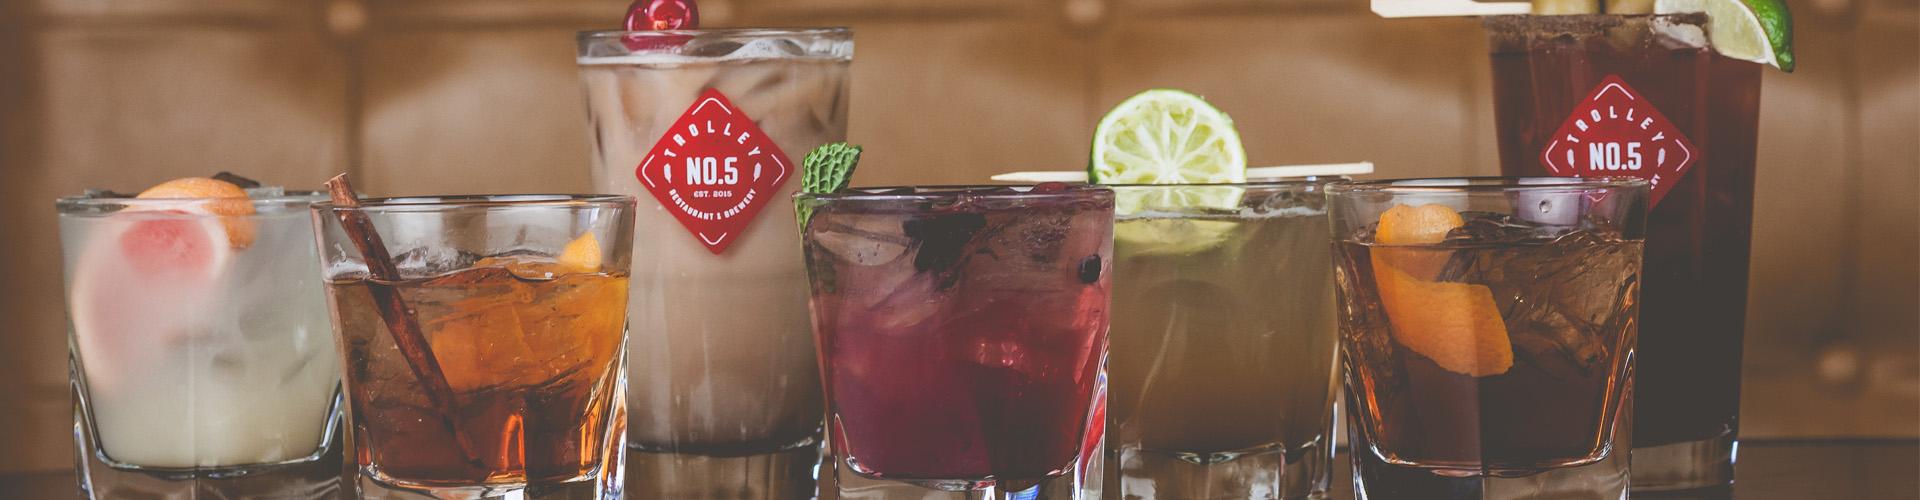 Cocktails_1920x500